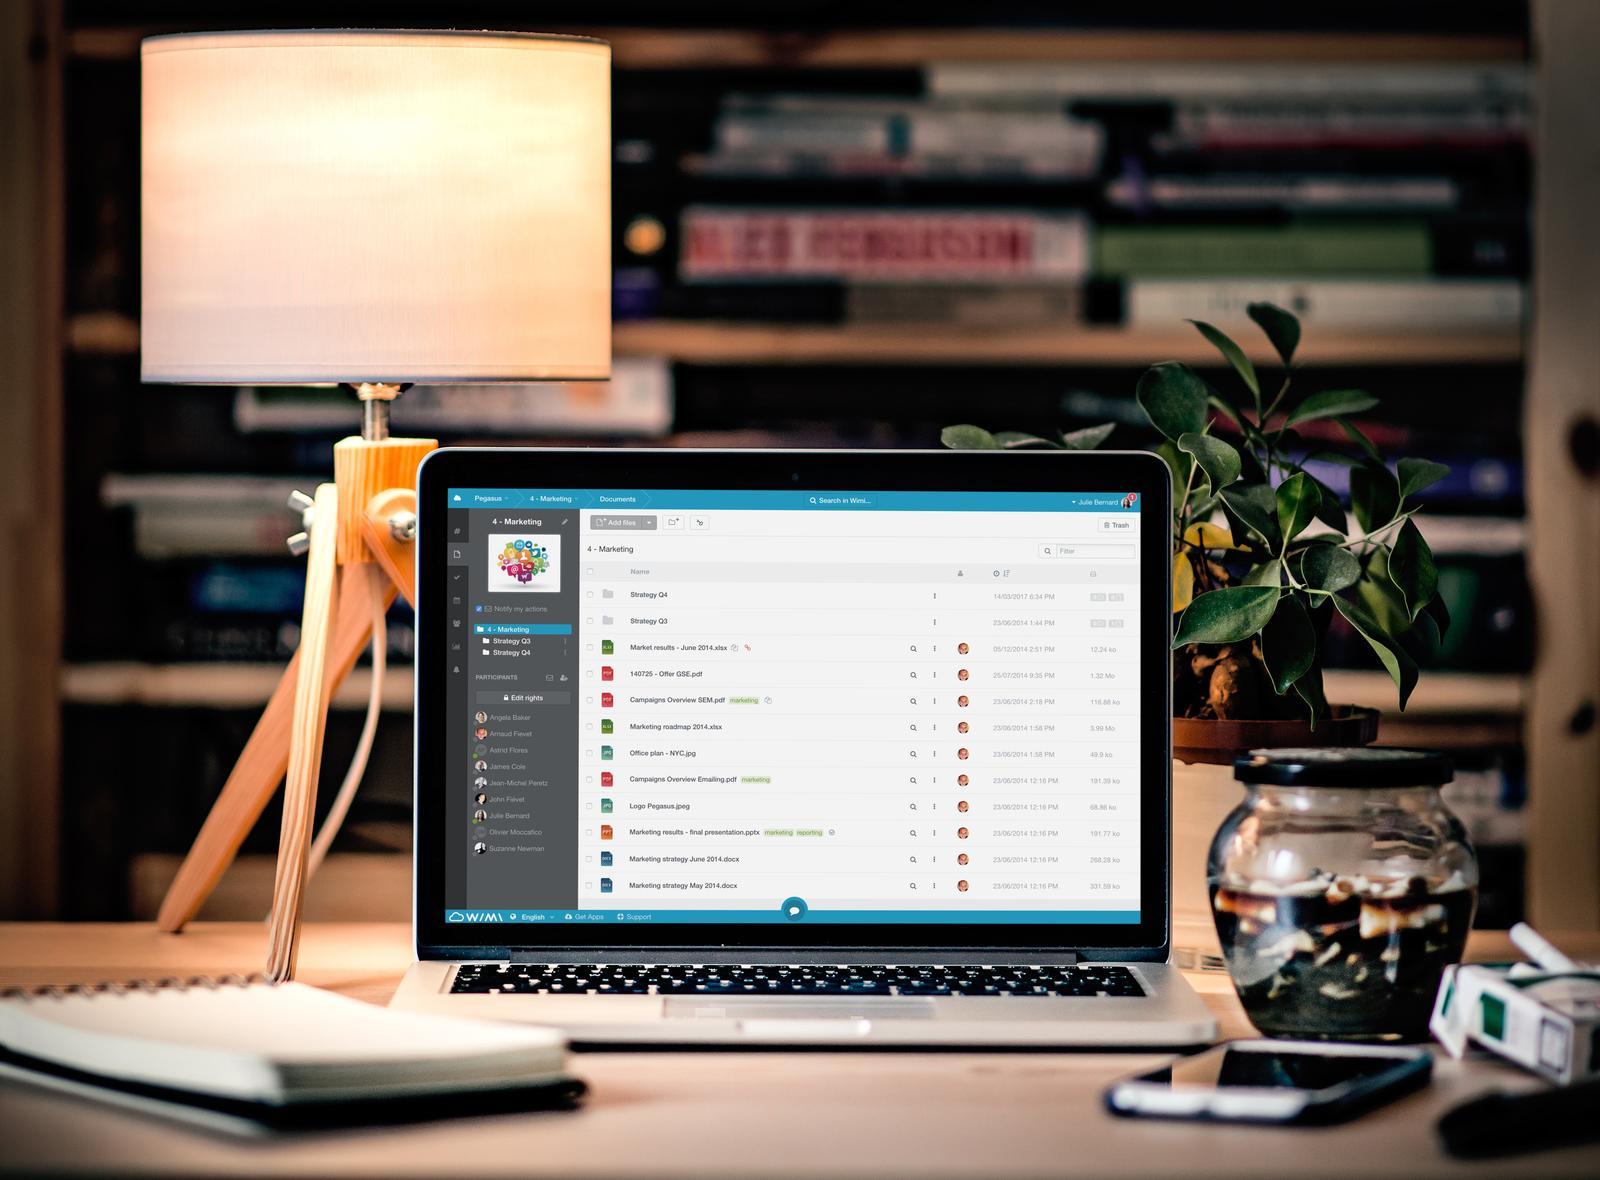 Review Wimi: Project Management & Teamwork App - appvizer